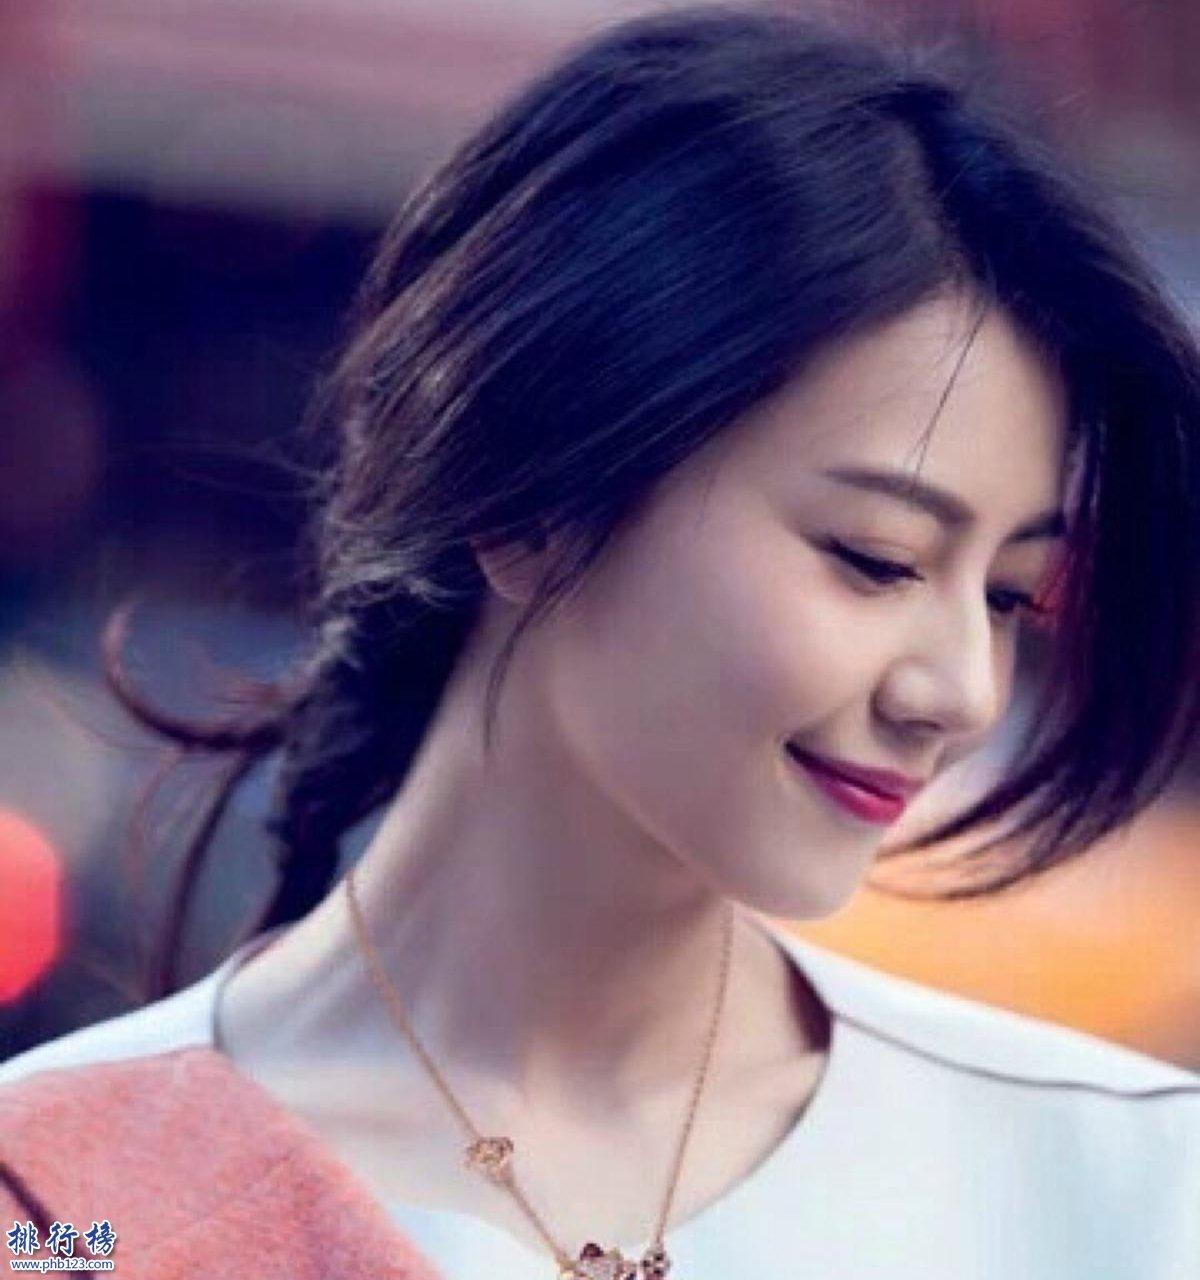 中国美女明星排行榜_2018年中国十大美女排行榜 中国最美女明星排名都有谁_排行榜123网